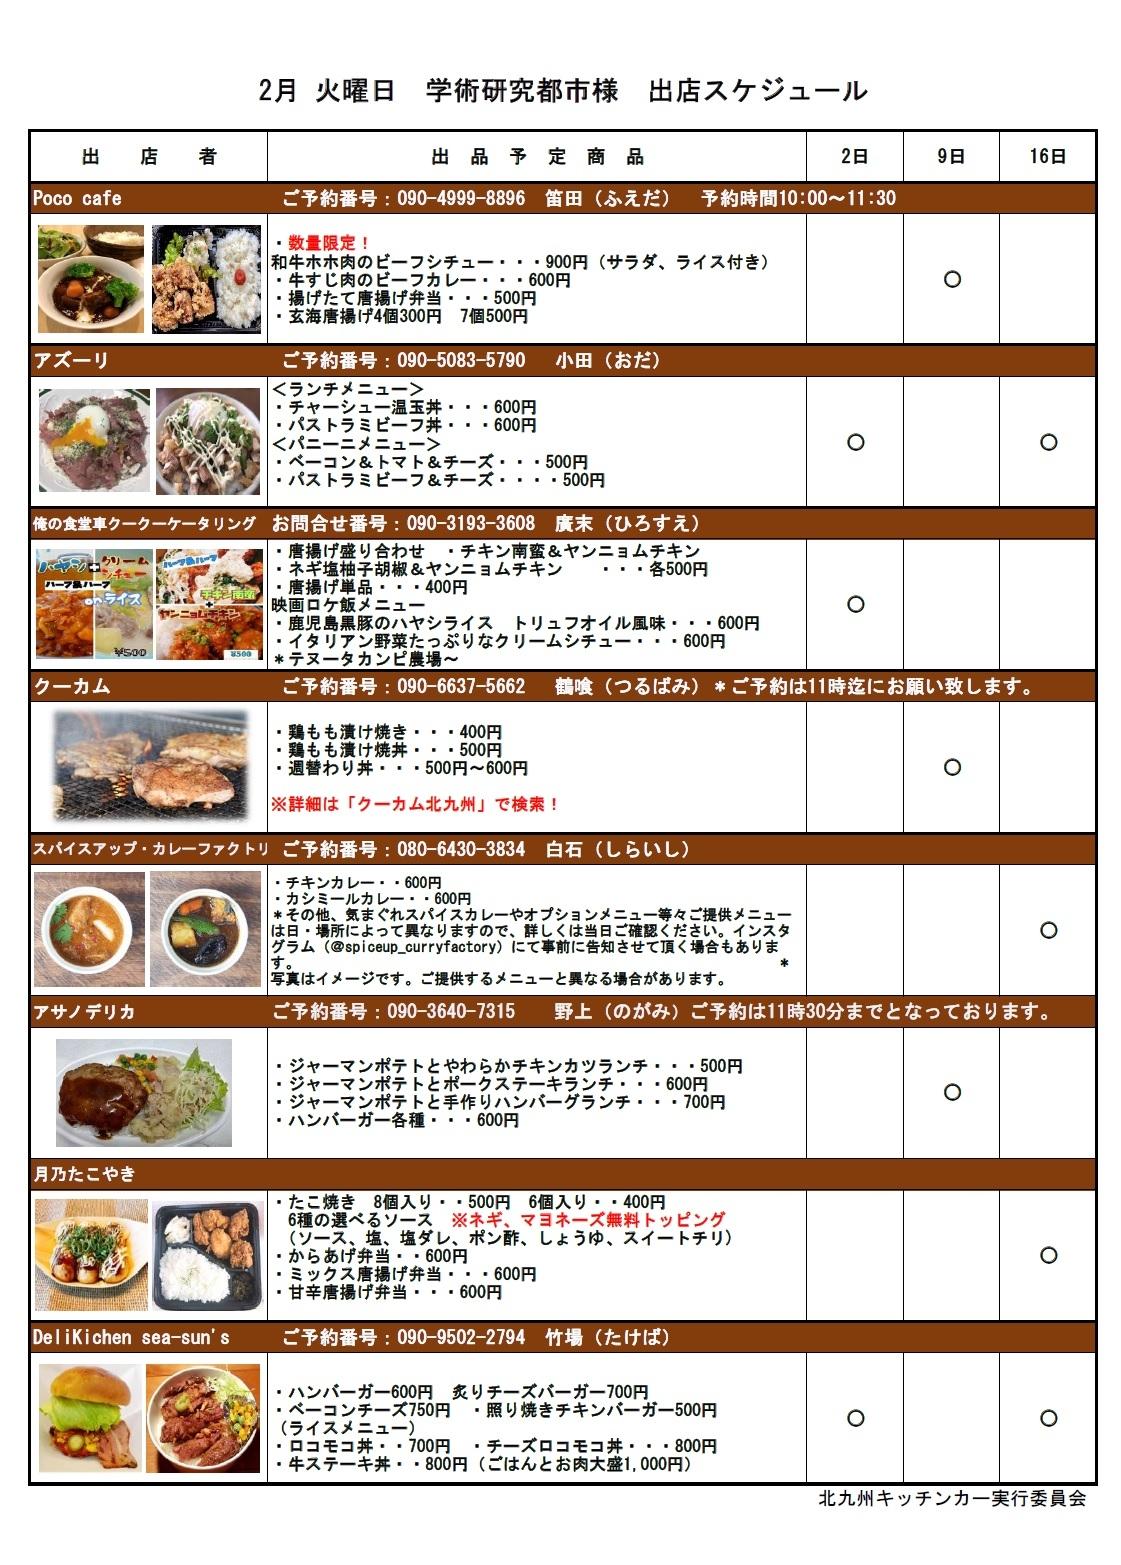 http://www.ksrp.or.jp/fais/news/21.2_1.jpg